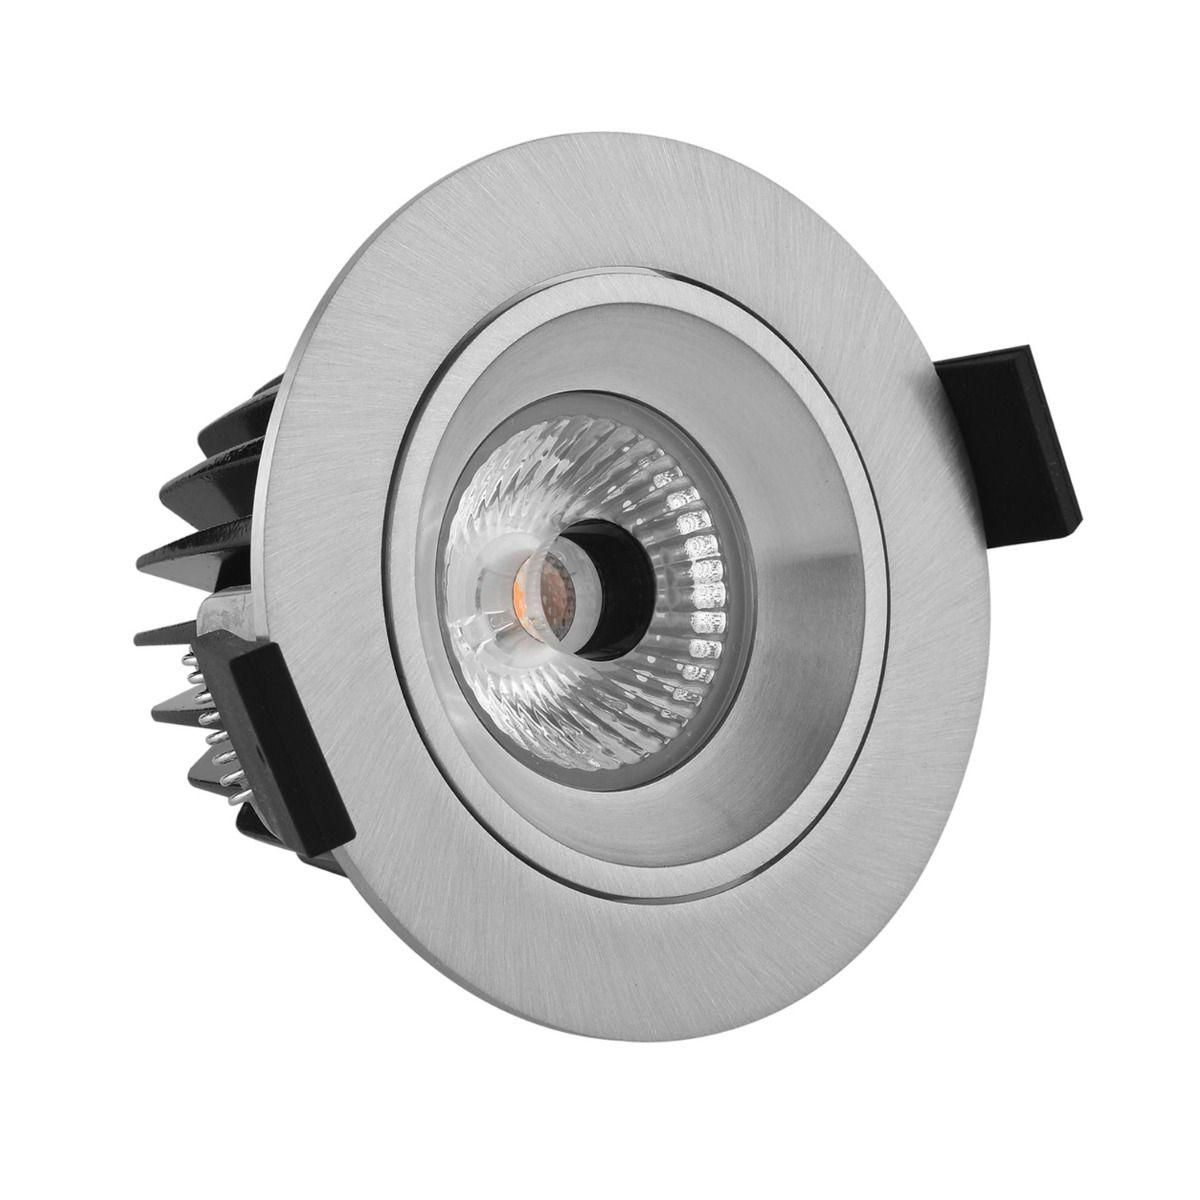 Noxion LED Spot Diamond IP44 2700K Aluminium   Dimbaar